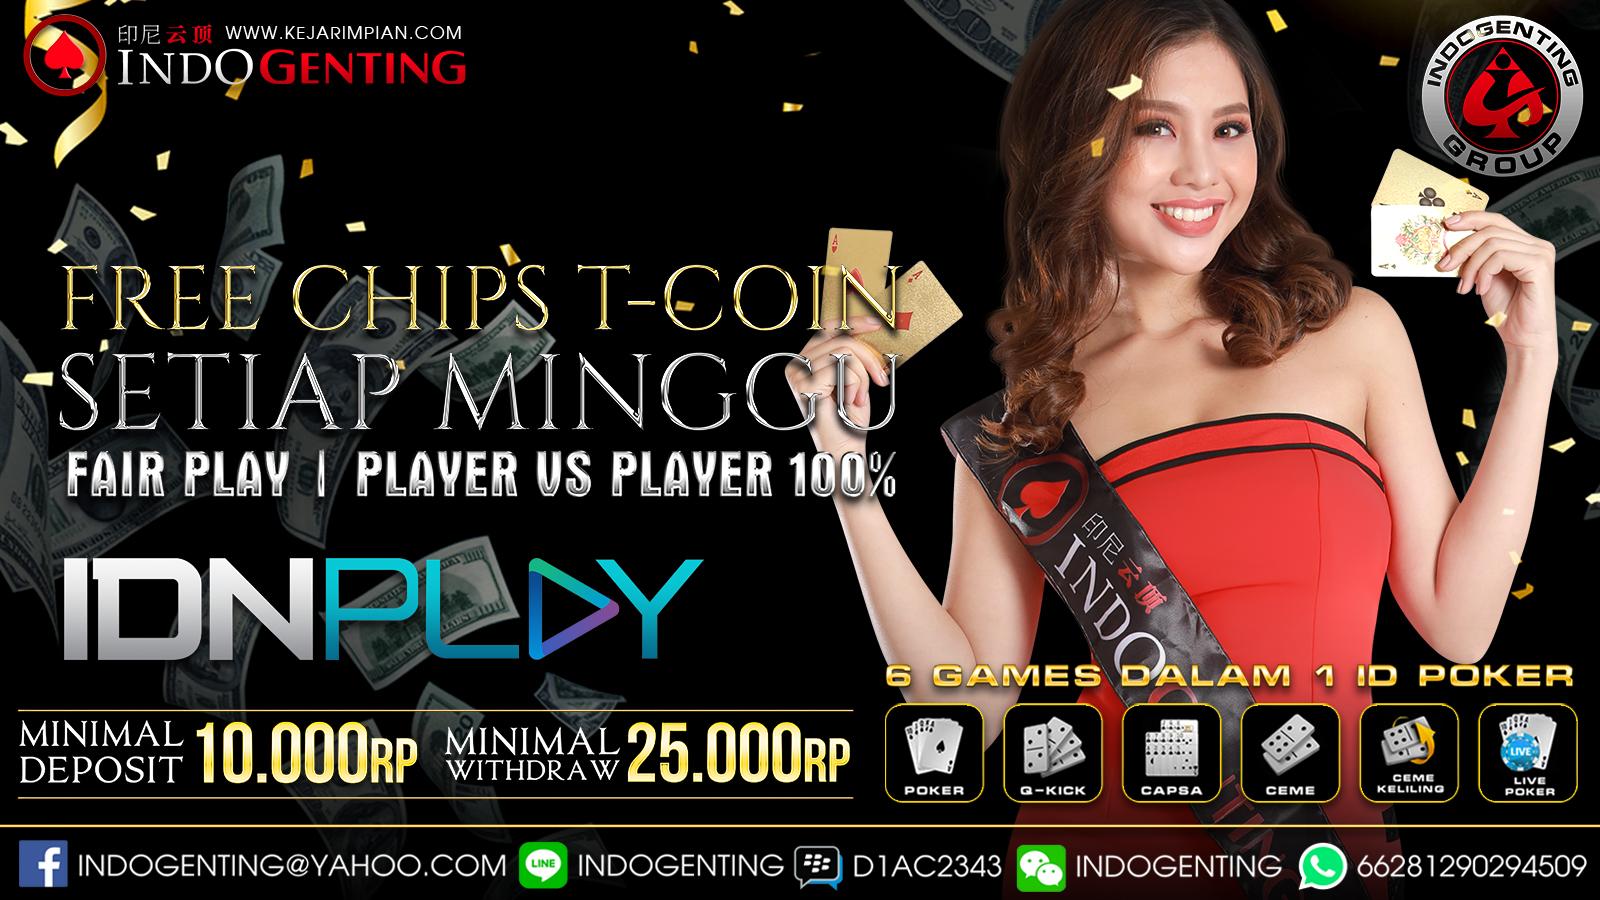 Poker Online, Bandar Domino, Domino QQ, Agen Ceme